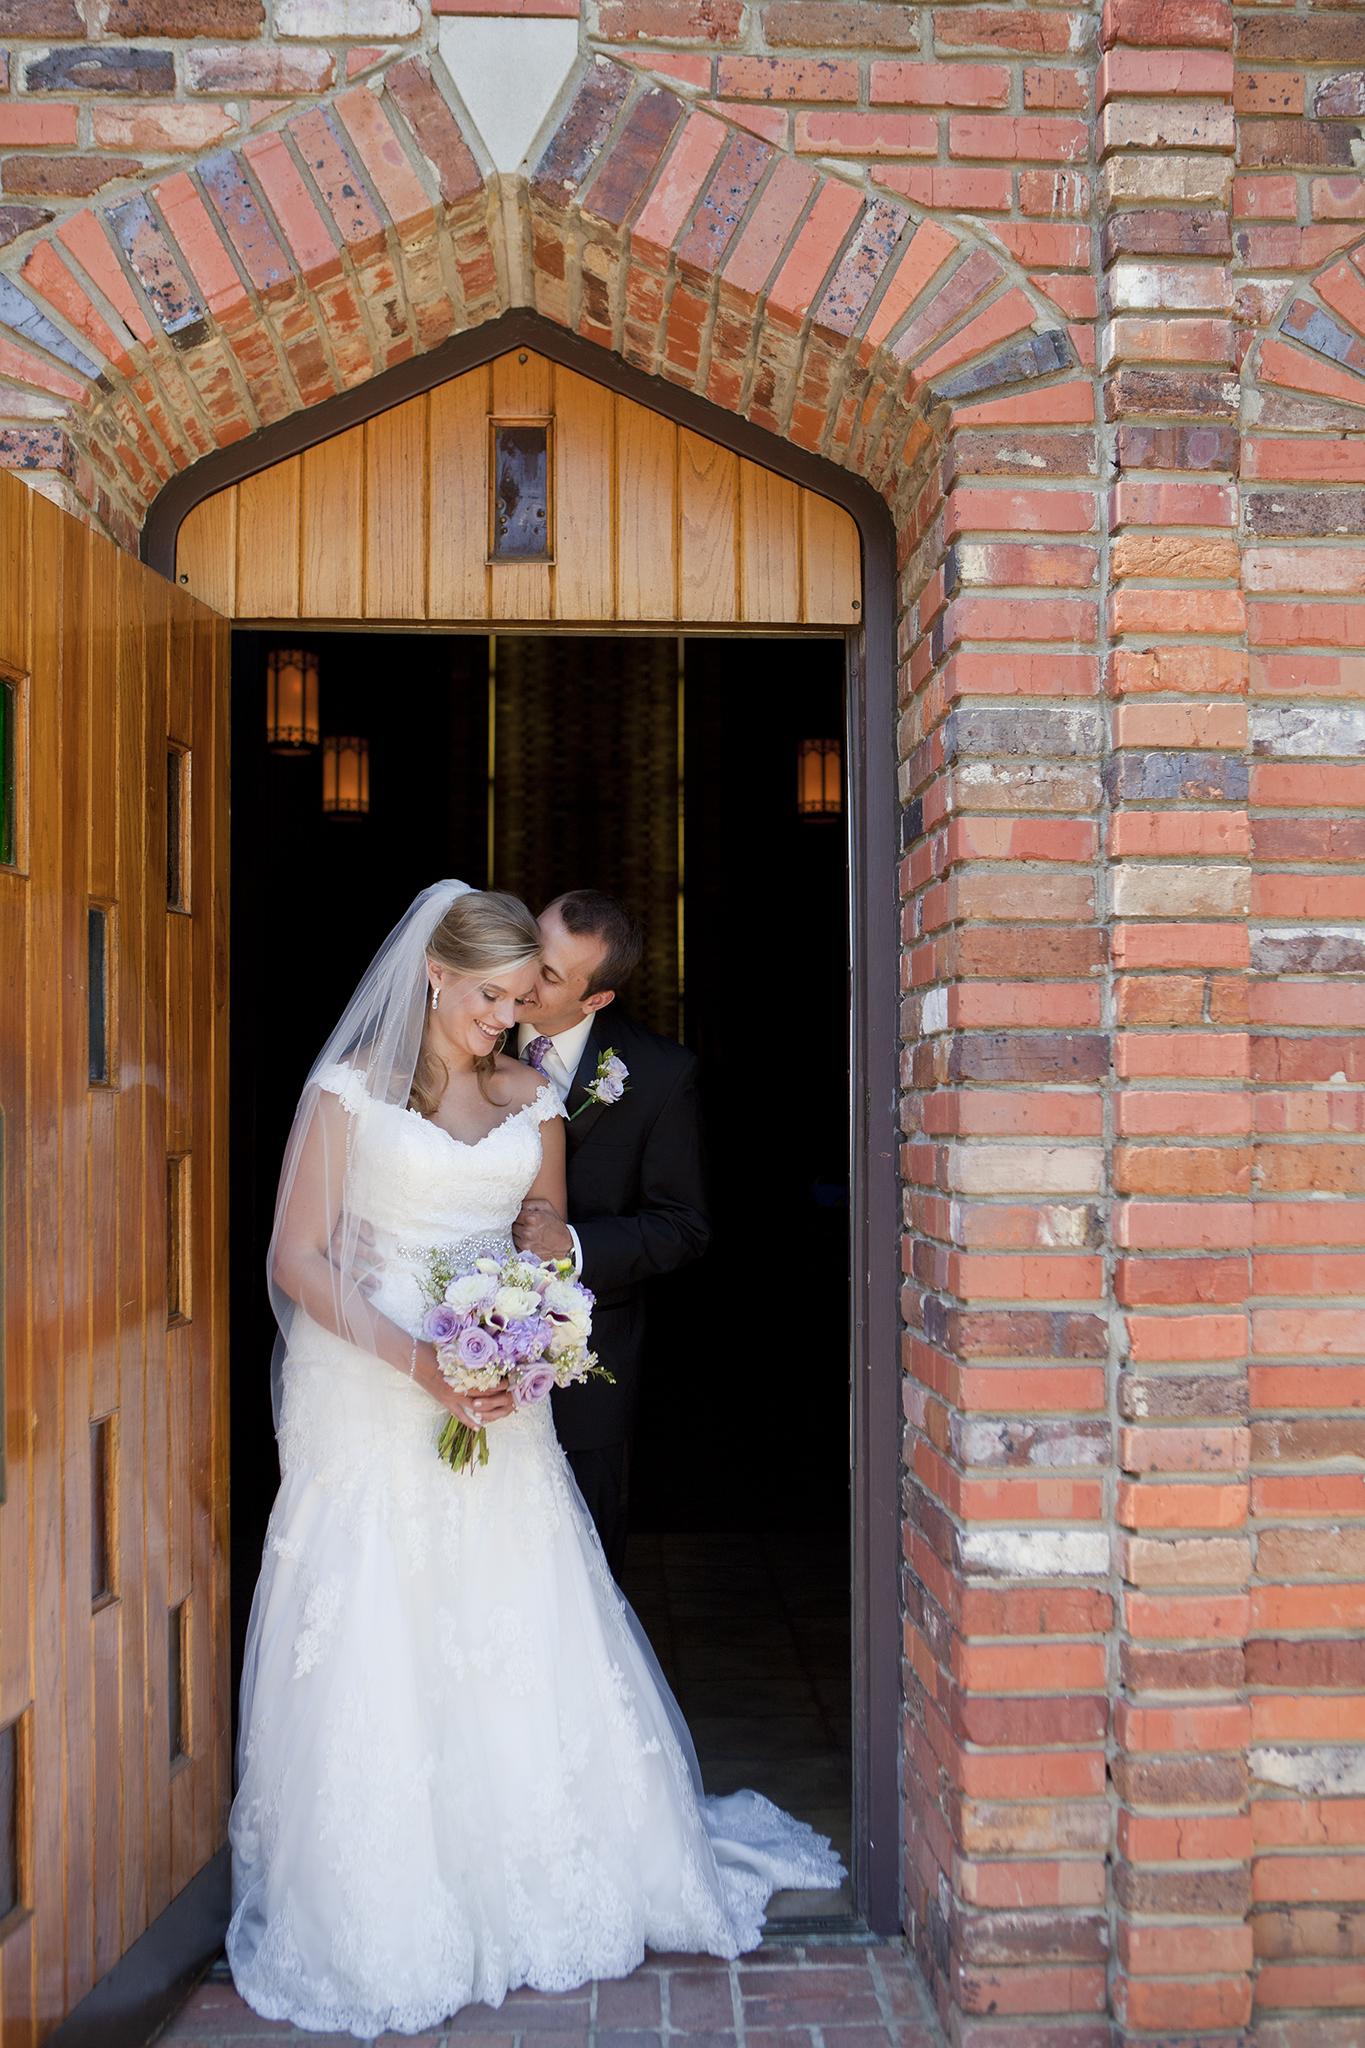 Wedding Planning© Nikki McKenzie Photography